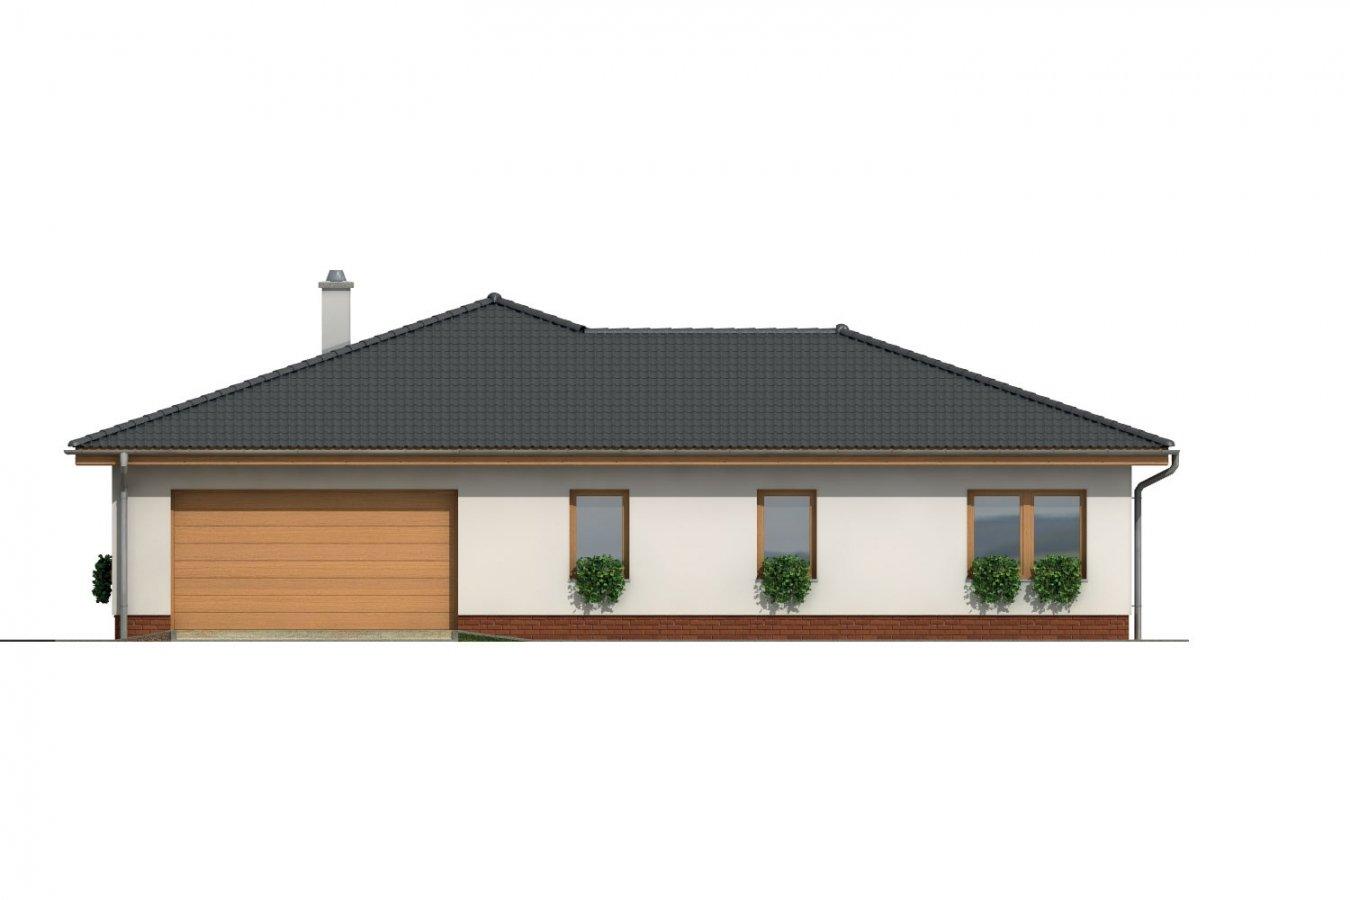 Pohľad 3. - Veľkopriestorový rodinný dom do L s dvojgarážou a krytou terasou